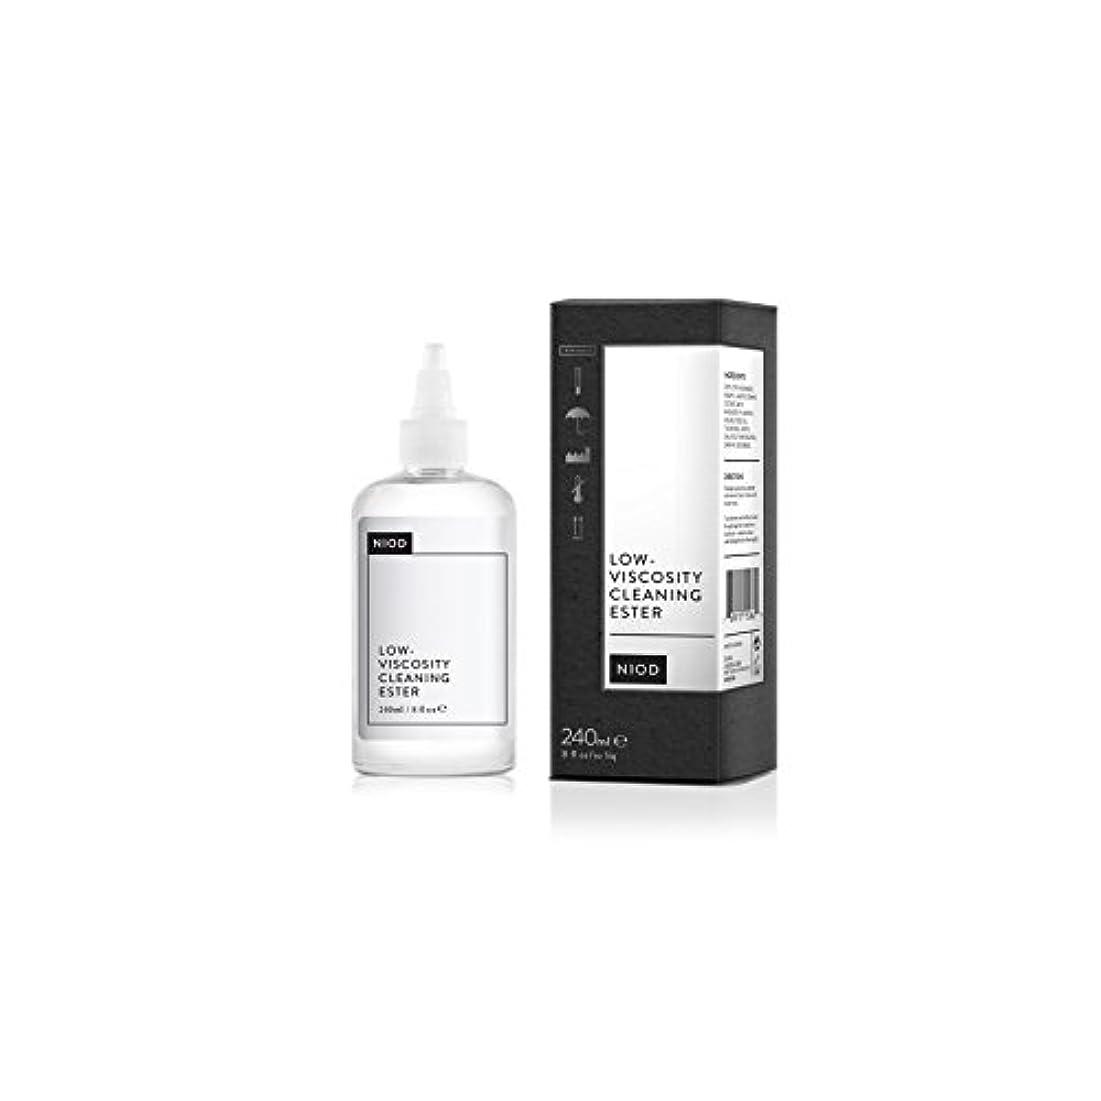 イソギンチャク拘束シガレット低粘度のクリーニングエステル(240ミリリットル) x2 - Niod Low-Viscosity Cleaning Ester (240ml) (Pack of 2) [並行輸入品]